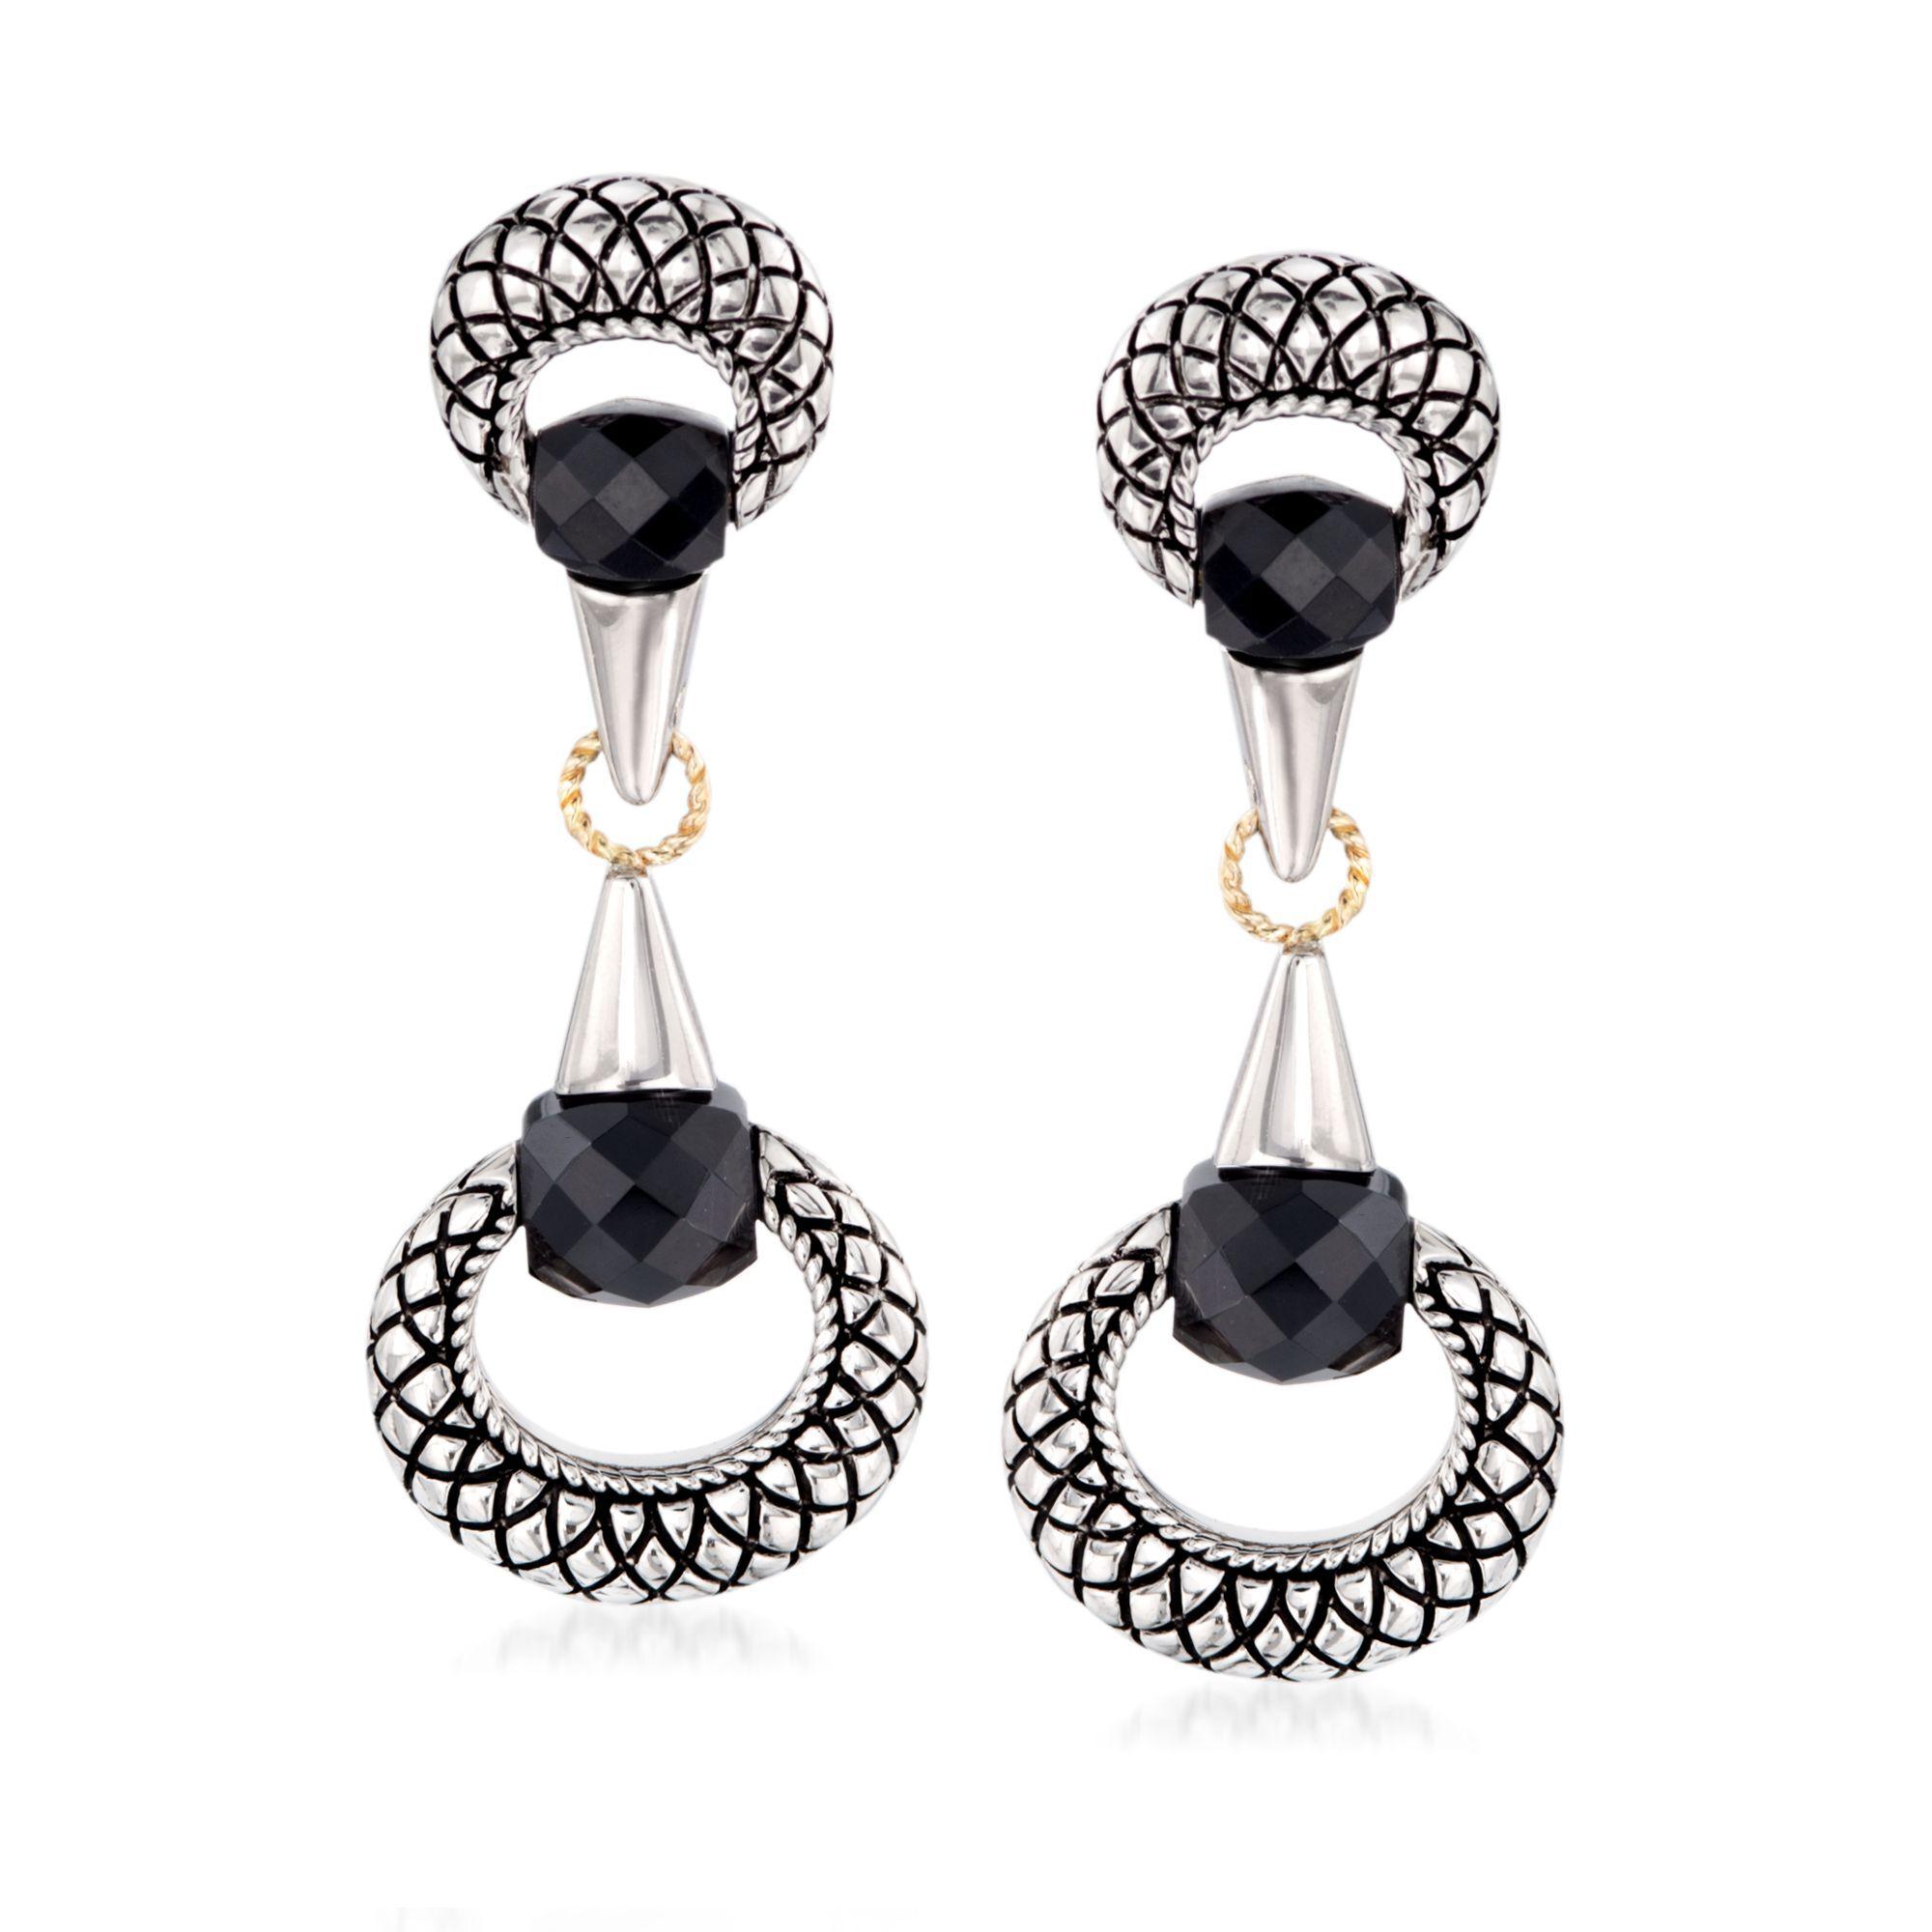 Andrea Candela Black Onyx Drop Earrings in Sterling Silver